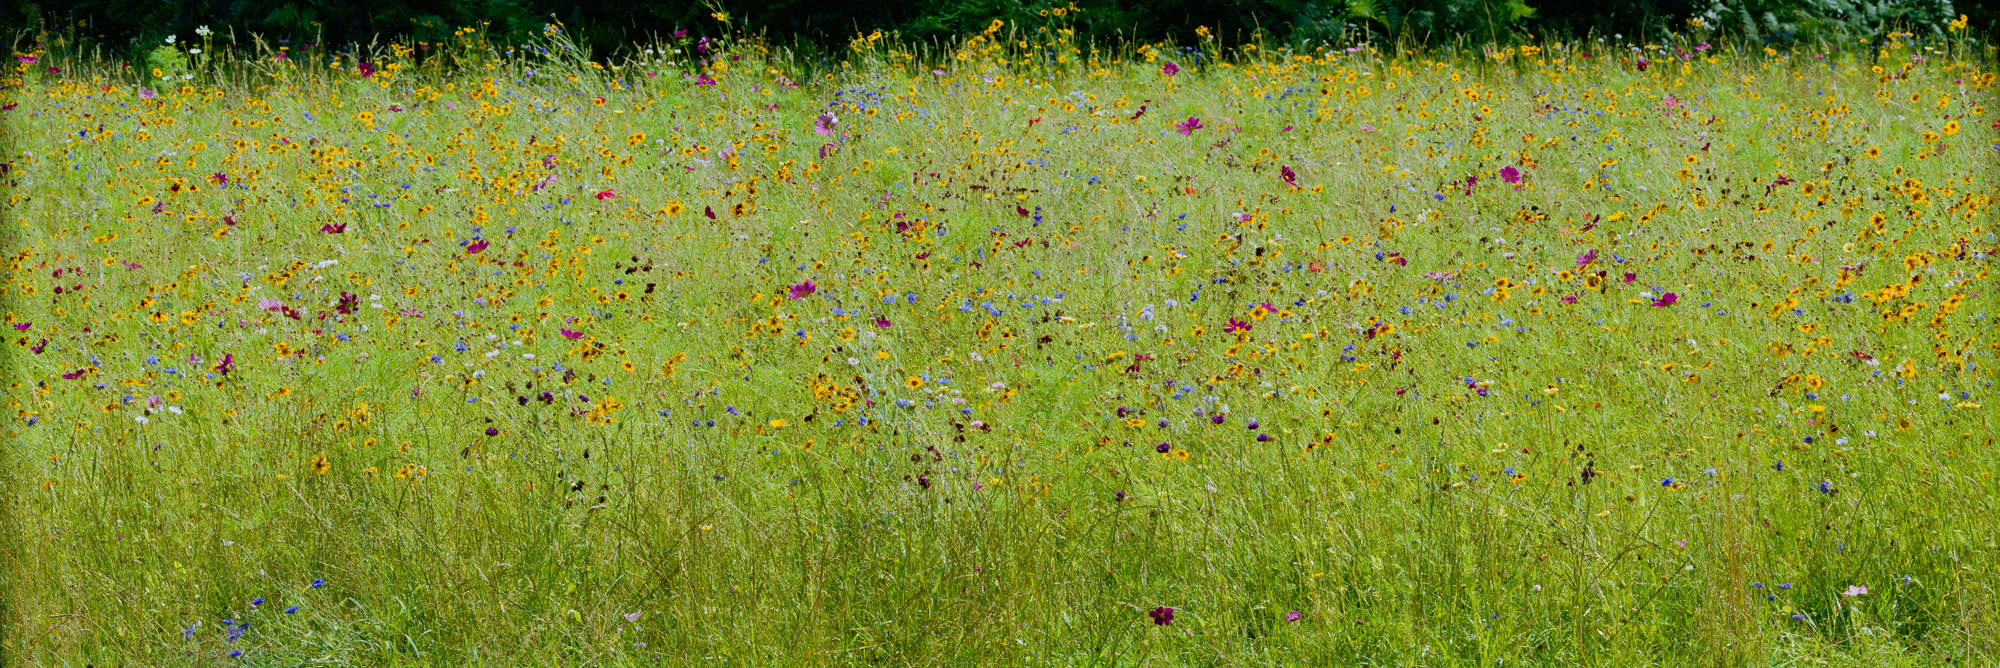 Die grüne, von bunten Blumen gesprenkelte, Bienenweide des Schloss Dyck.